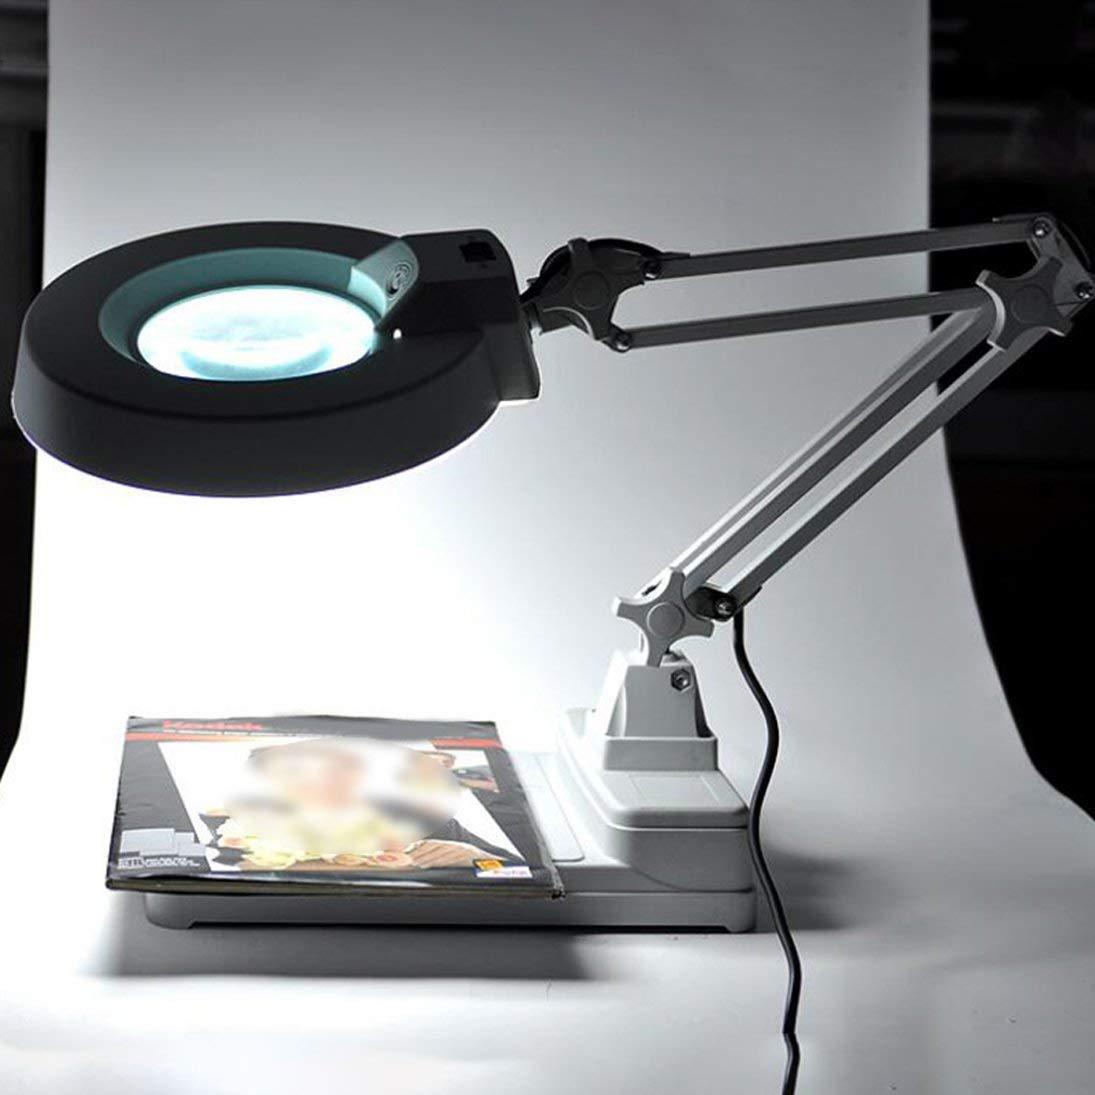 Vinmax 10X Desktop Magnifier Lamp with LED Light |Adjustable Arm Magnifier Lamp Light Magnifying Glass Lens Diopter Folding Magnifier, 110V/220V by vinmax (Image #2)